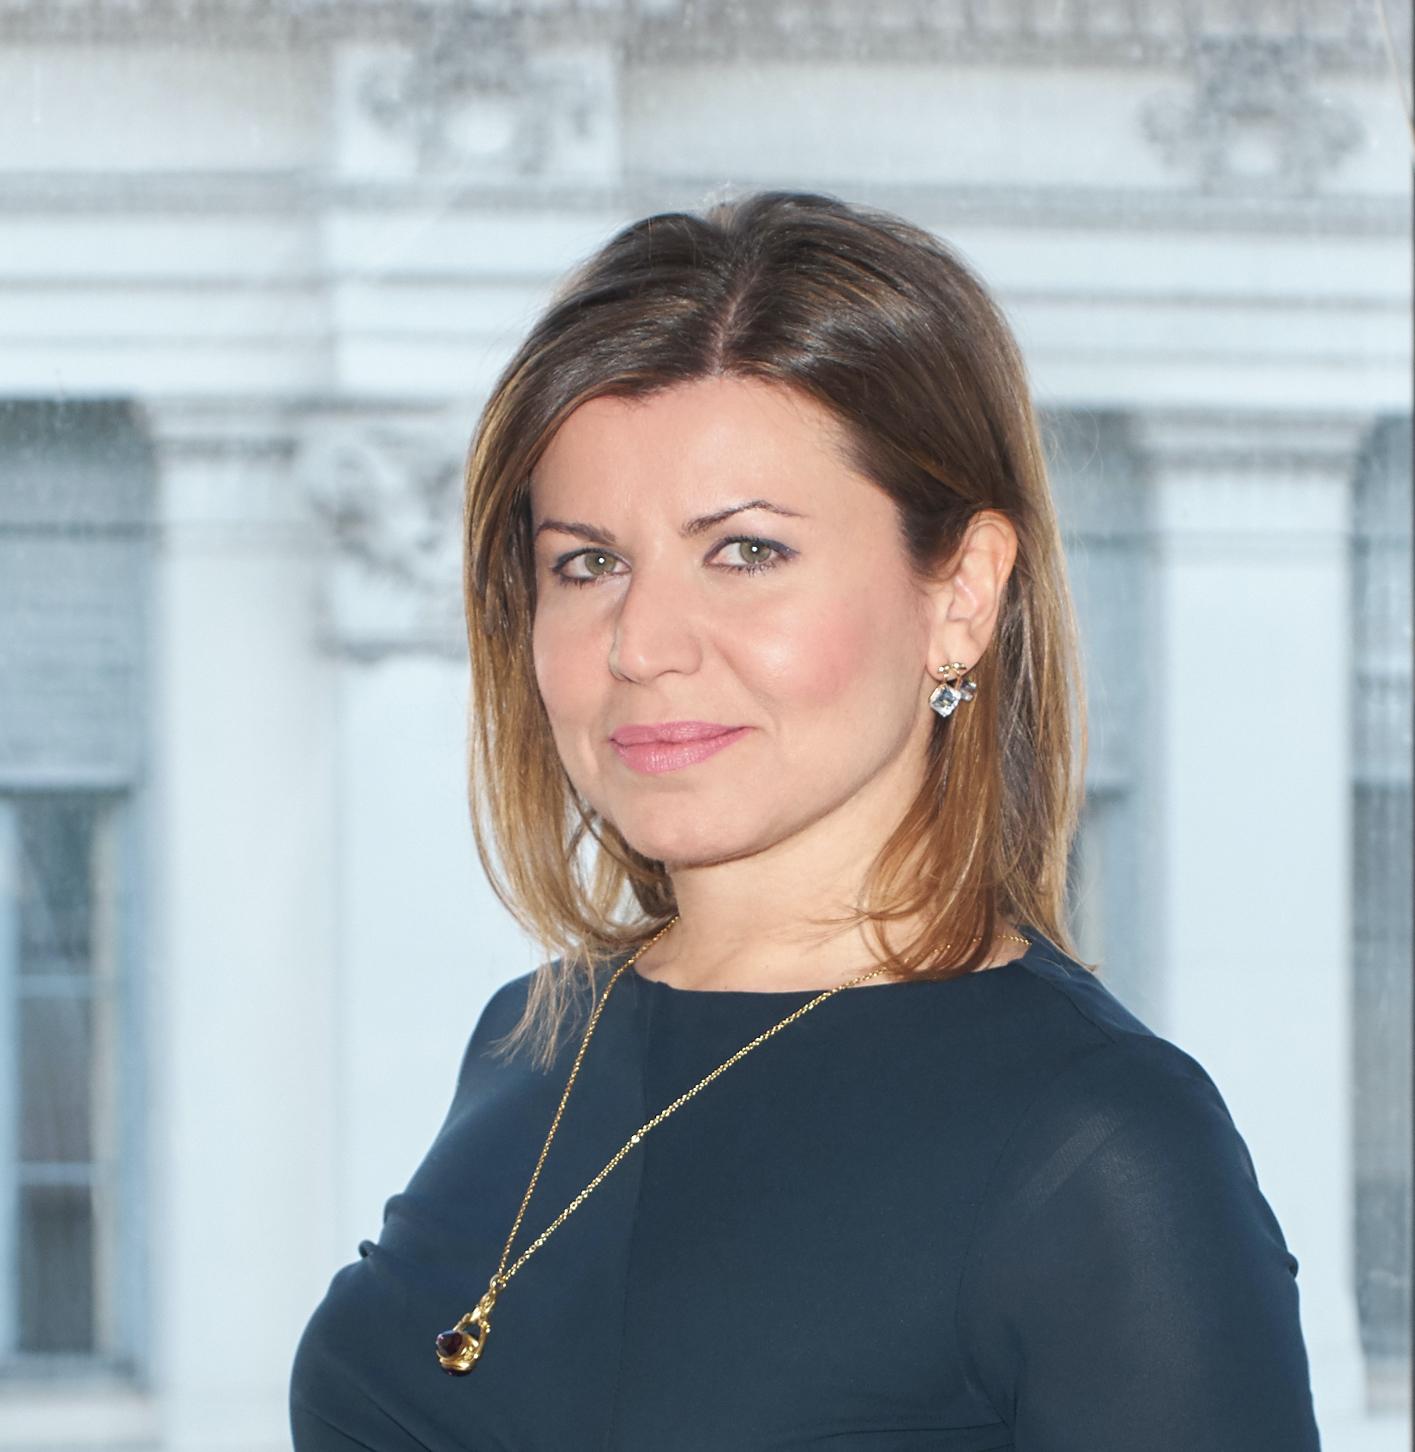 Άννα Ζουρνατζή: Η διαμεσολάβηση σήμερα